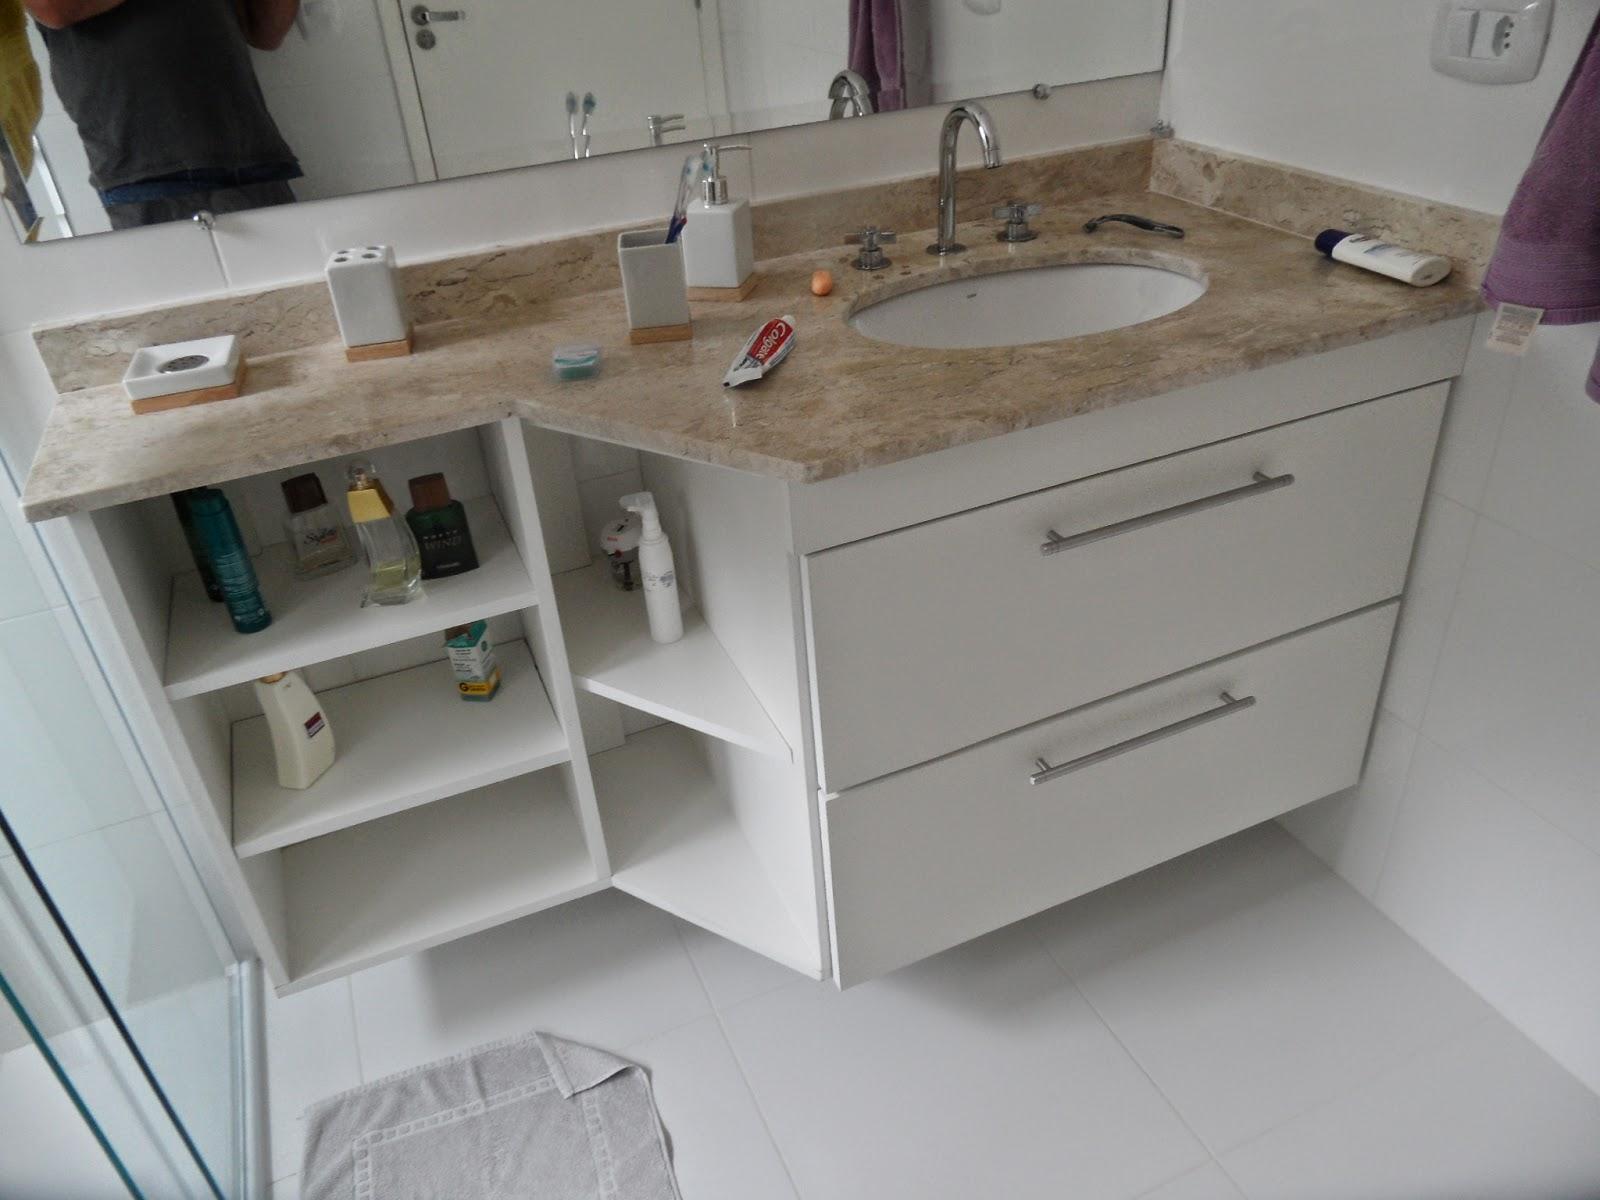 gabinete de banheiro gabinete de banheiro #5E4D3F 1600x1200 Armario Para Banheiro De Granito